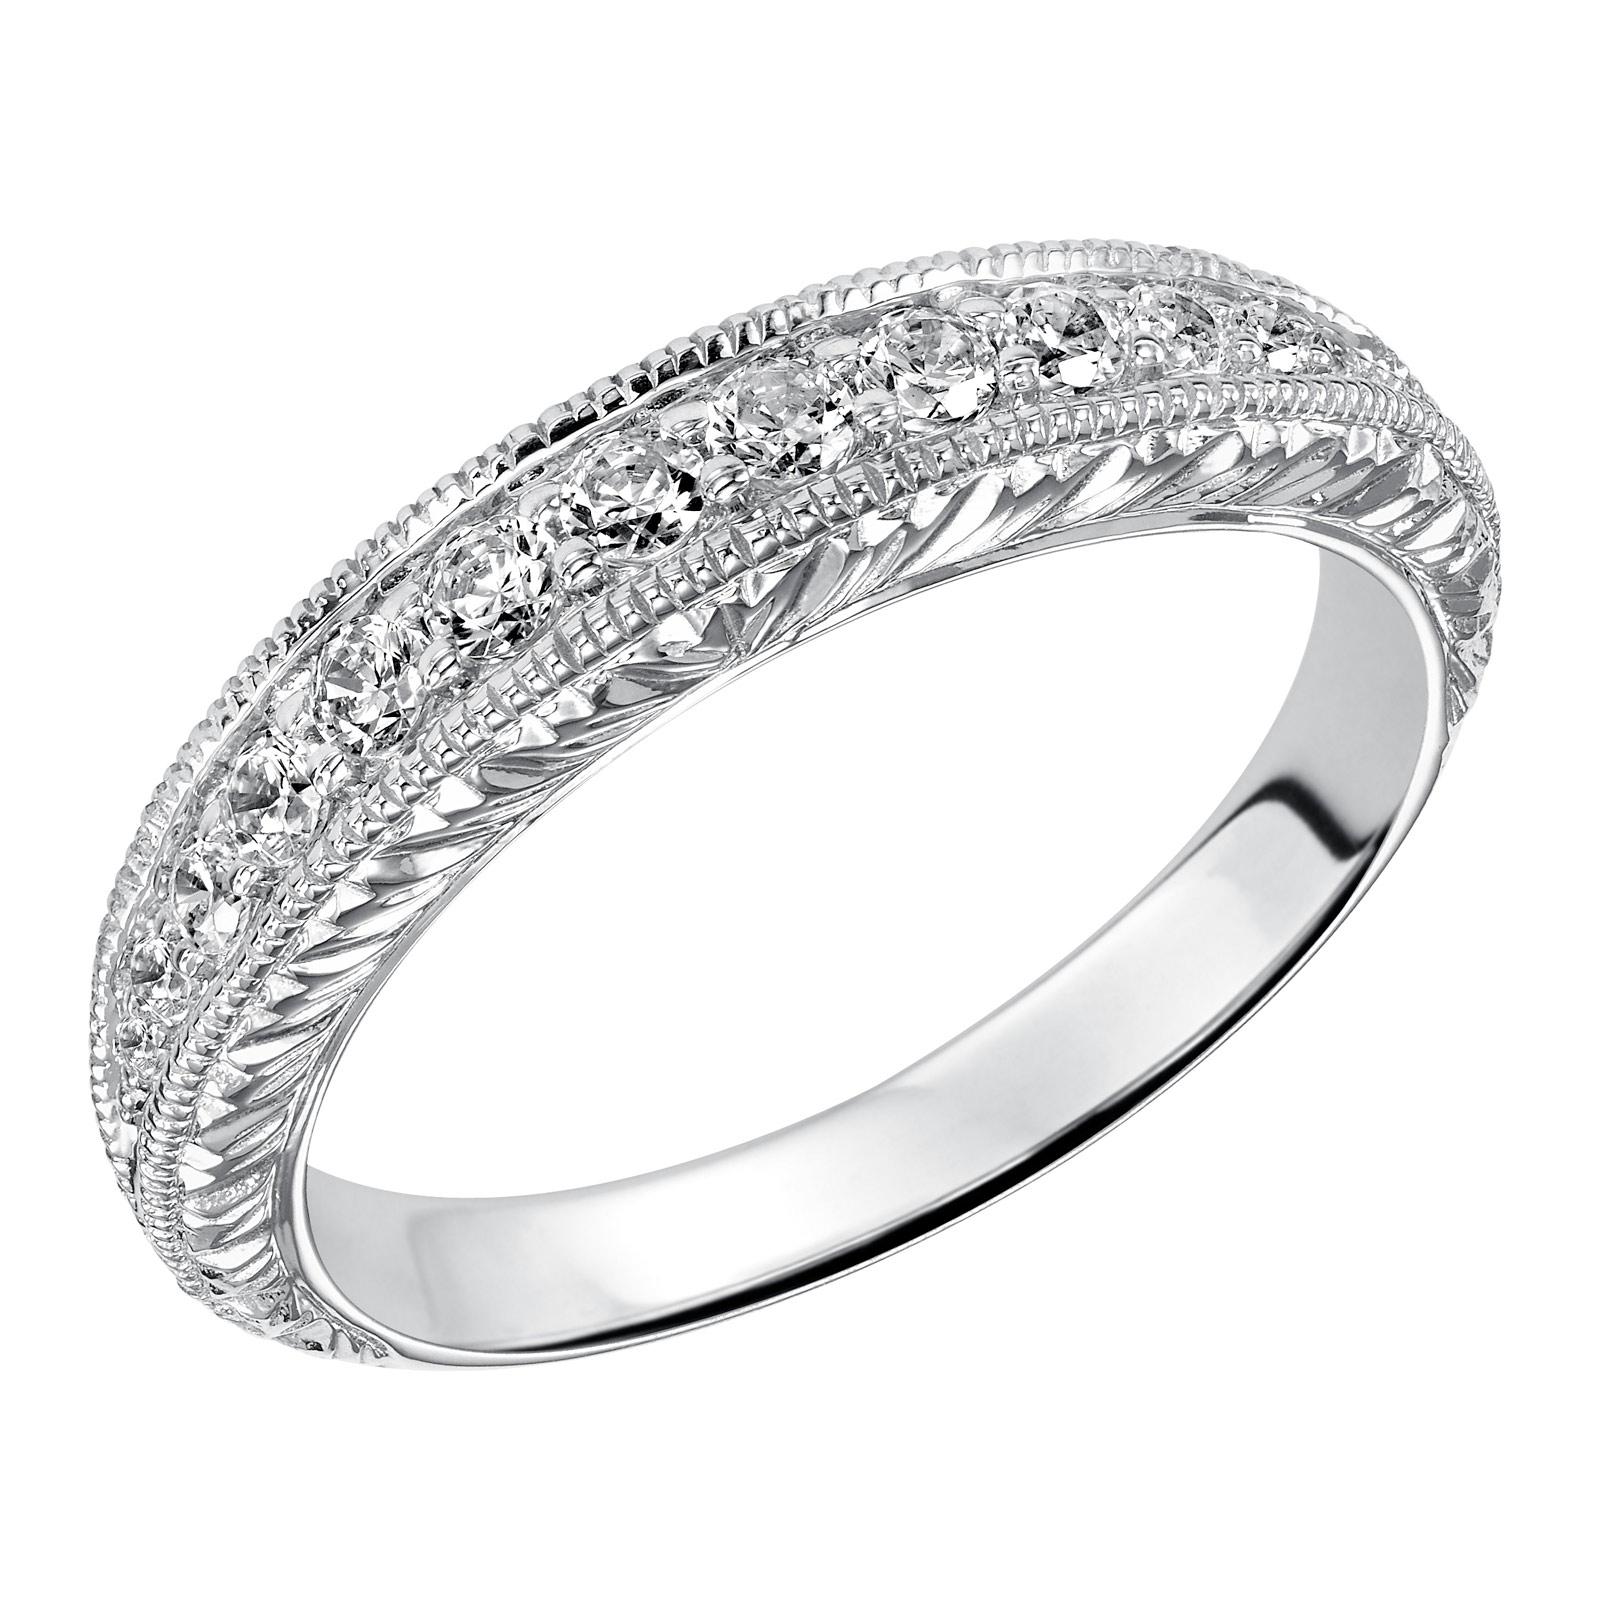 Goldman ring 33 9122w l00 long island ny goldman for Long island wedding bands